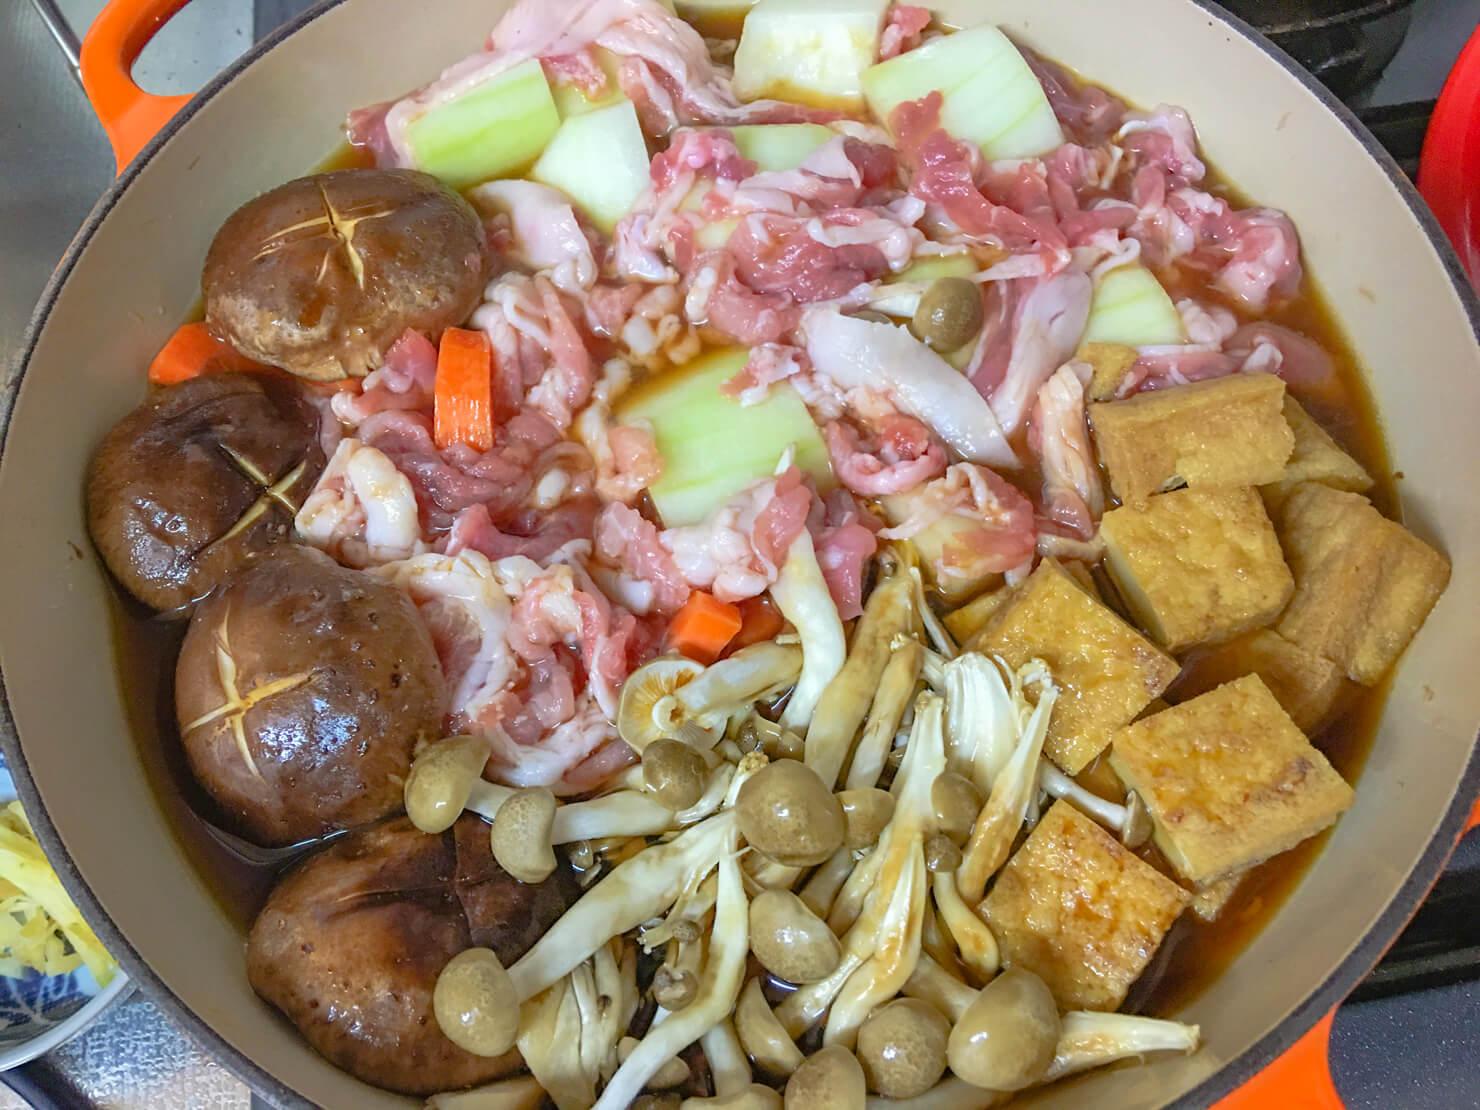 冬瓜と豚こまのきのこ鍋を煮る前の写真